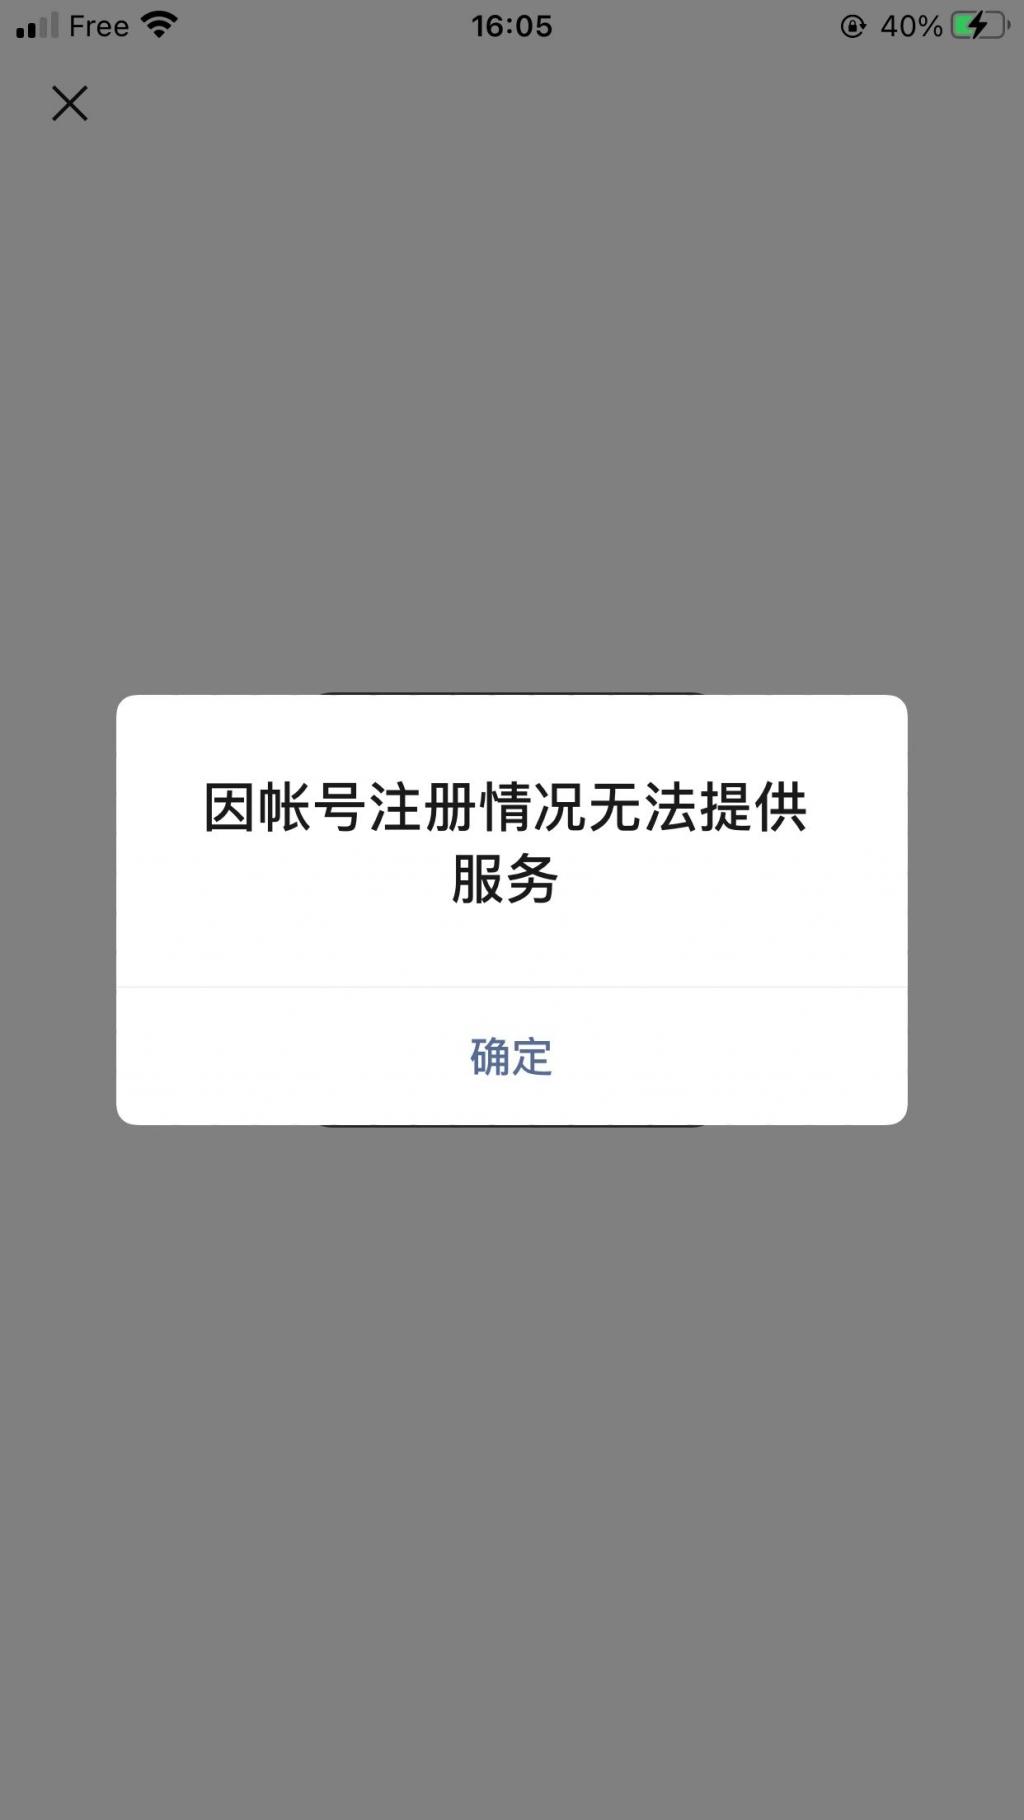 微信图片_20210618162326.jpg